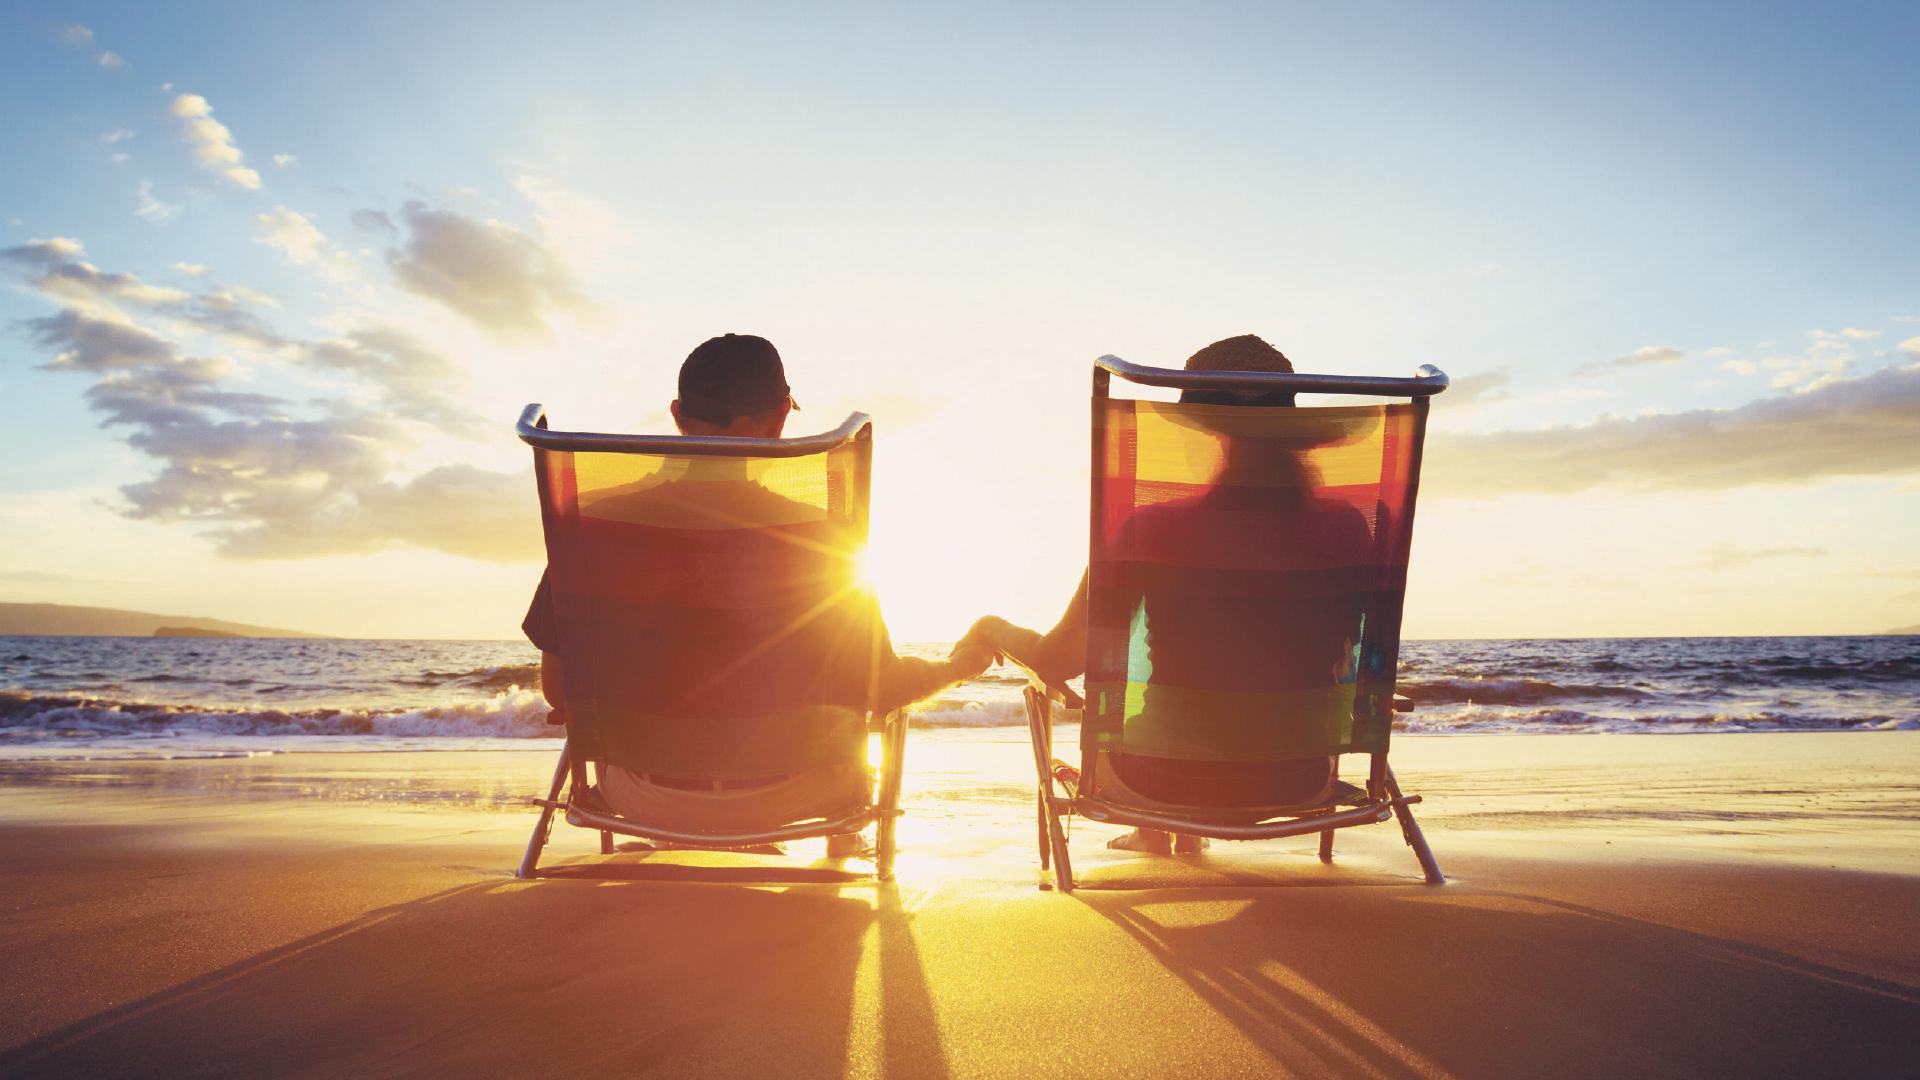 Homme une femme dans une chaise de plage sur une plage